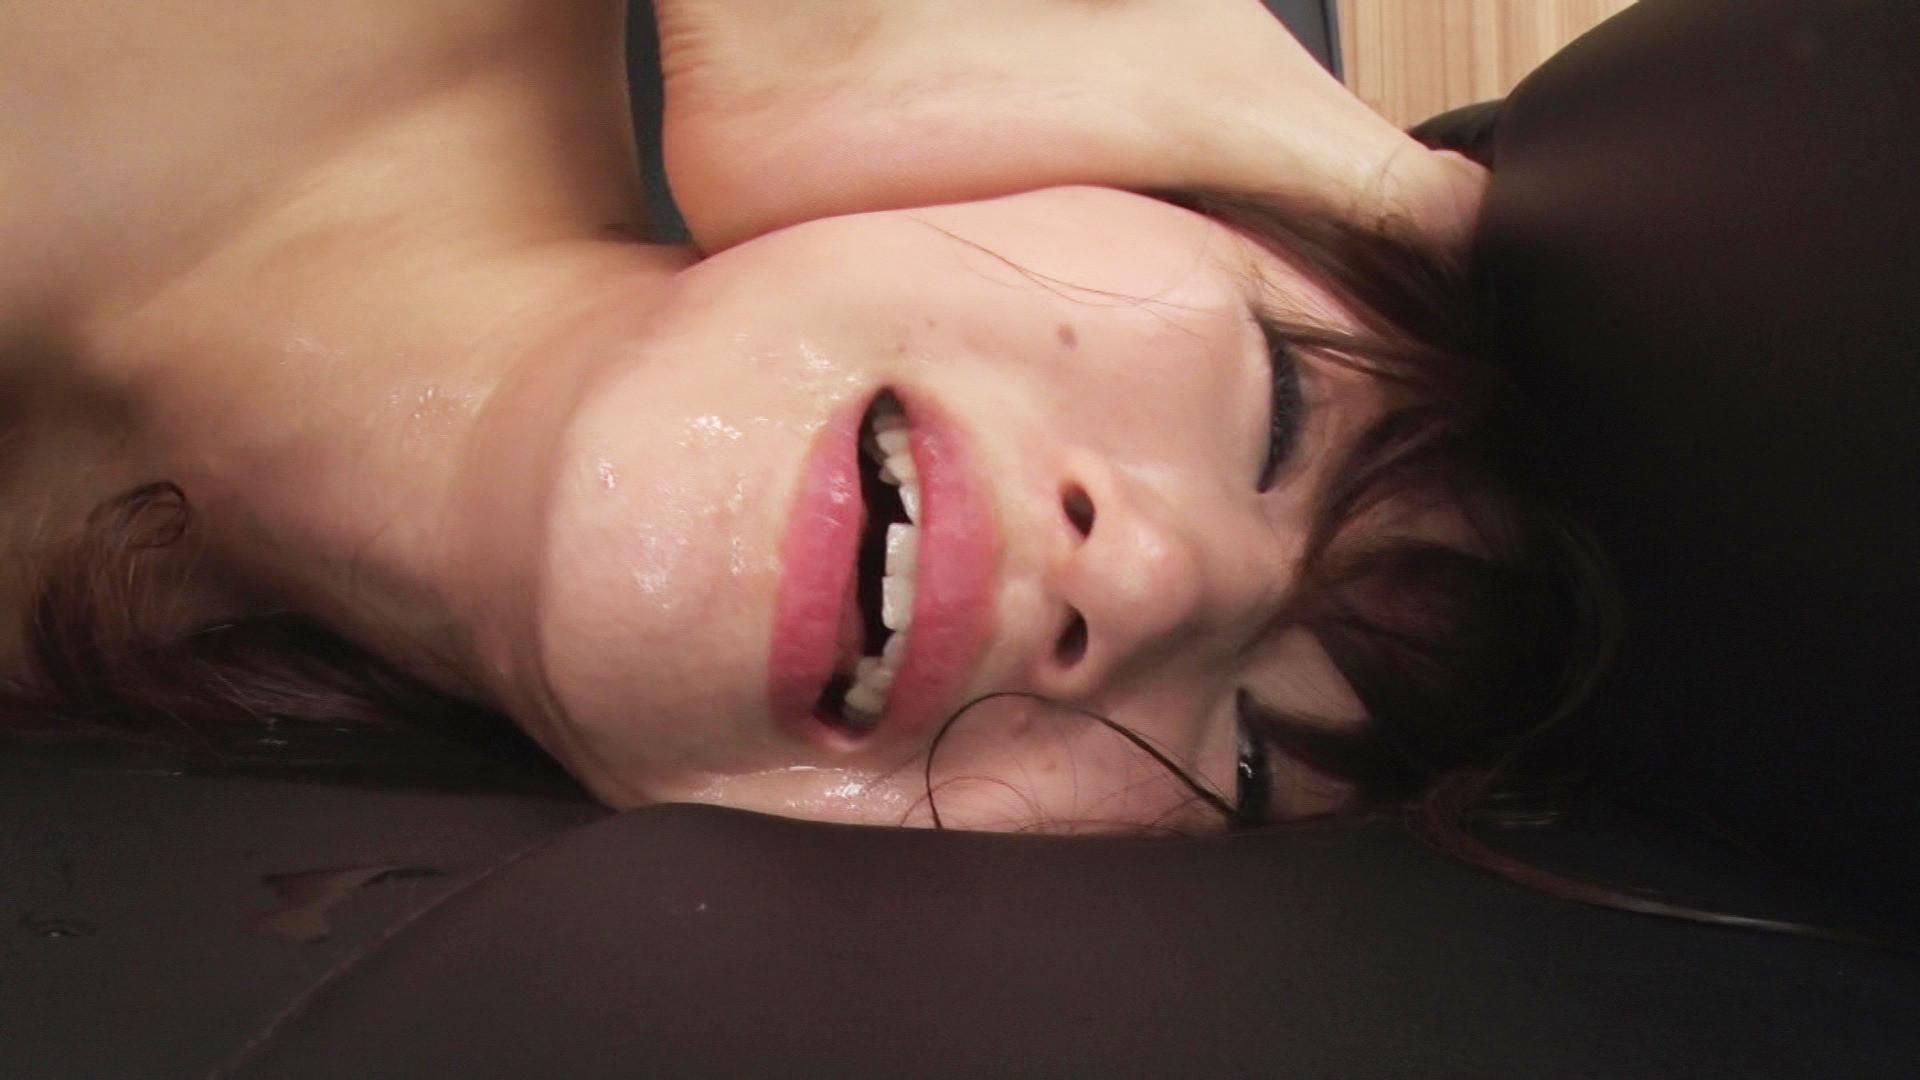 女性の喉奥には性感帯があり、そこを開発された女性はオーガズムを求める淫らな牝女に成り下がるのです・・・。 画像8